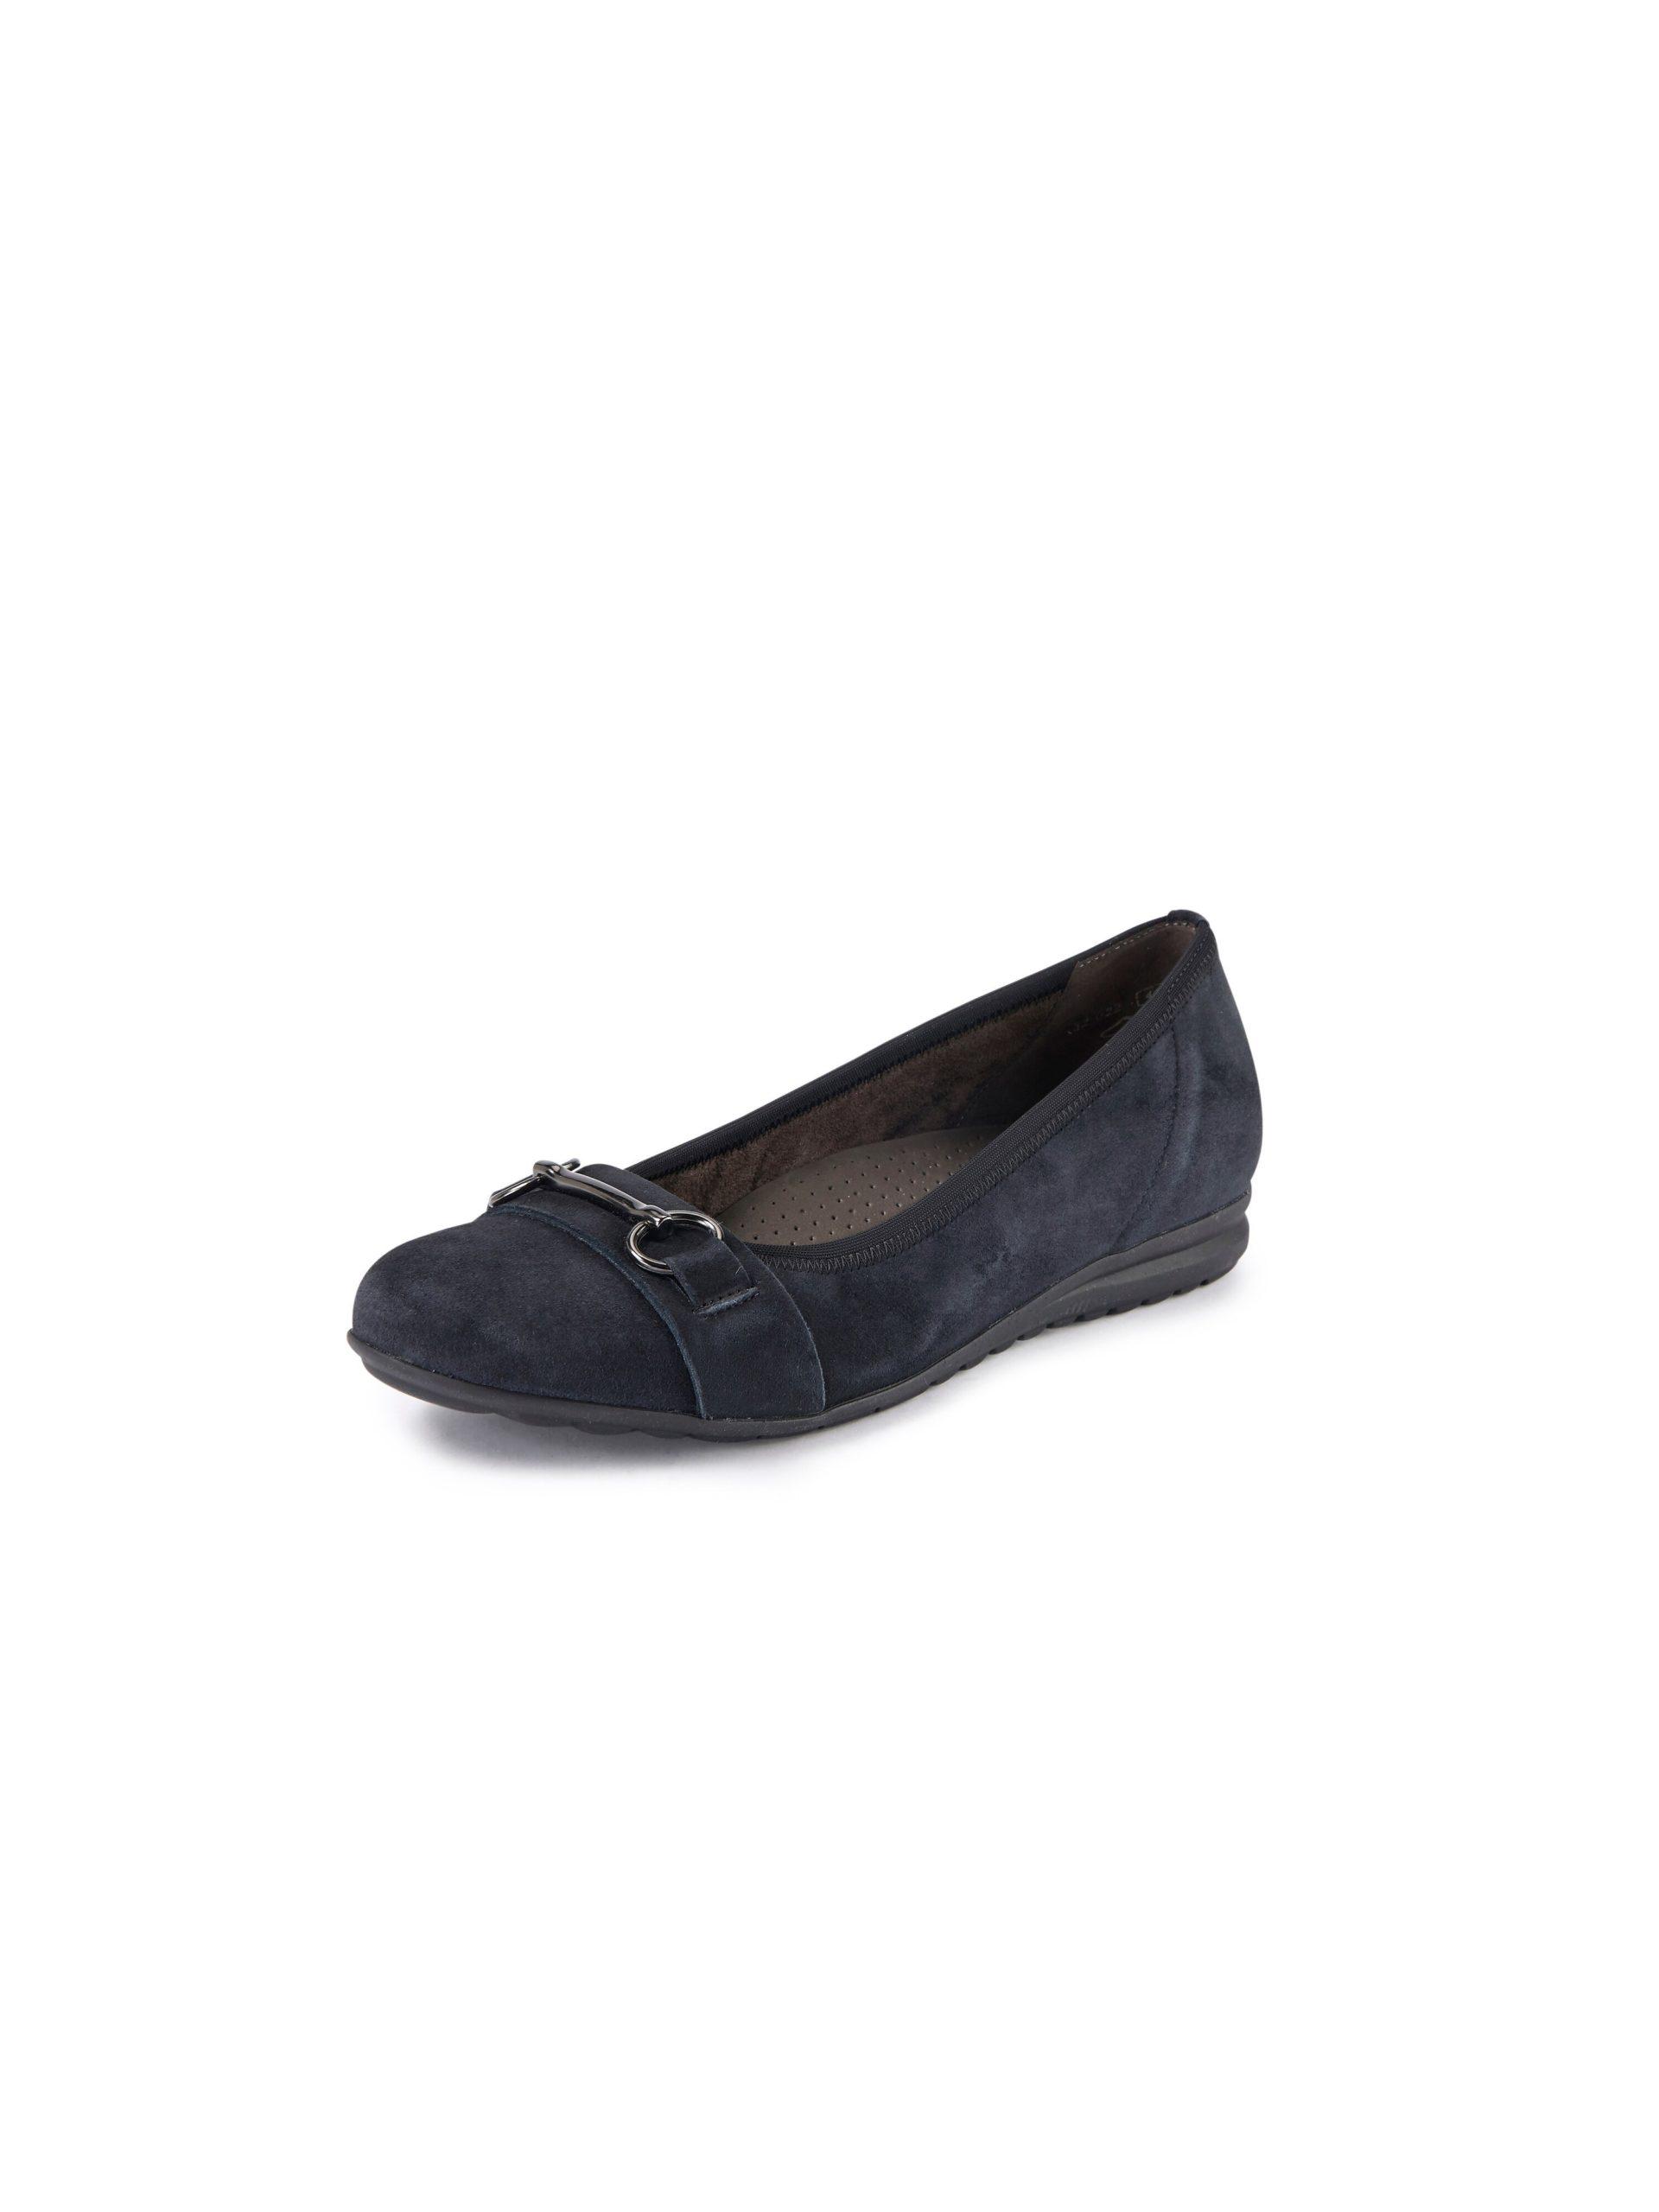 Ballerina's Van Gabor Comfort blauw Kopen